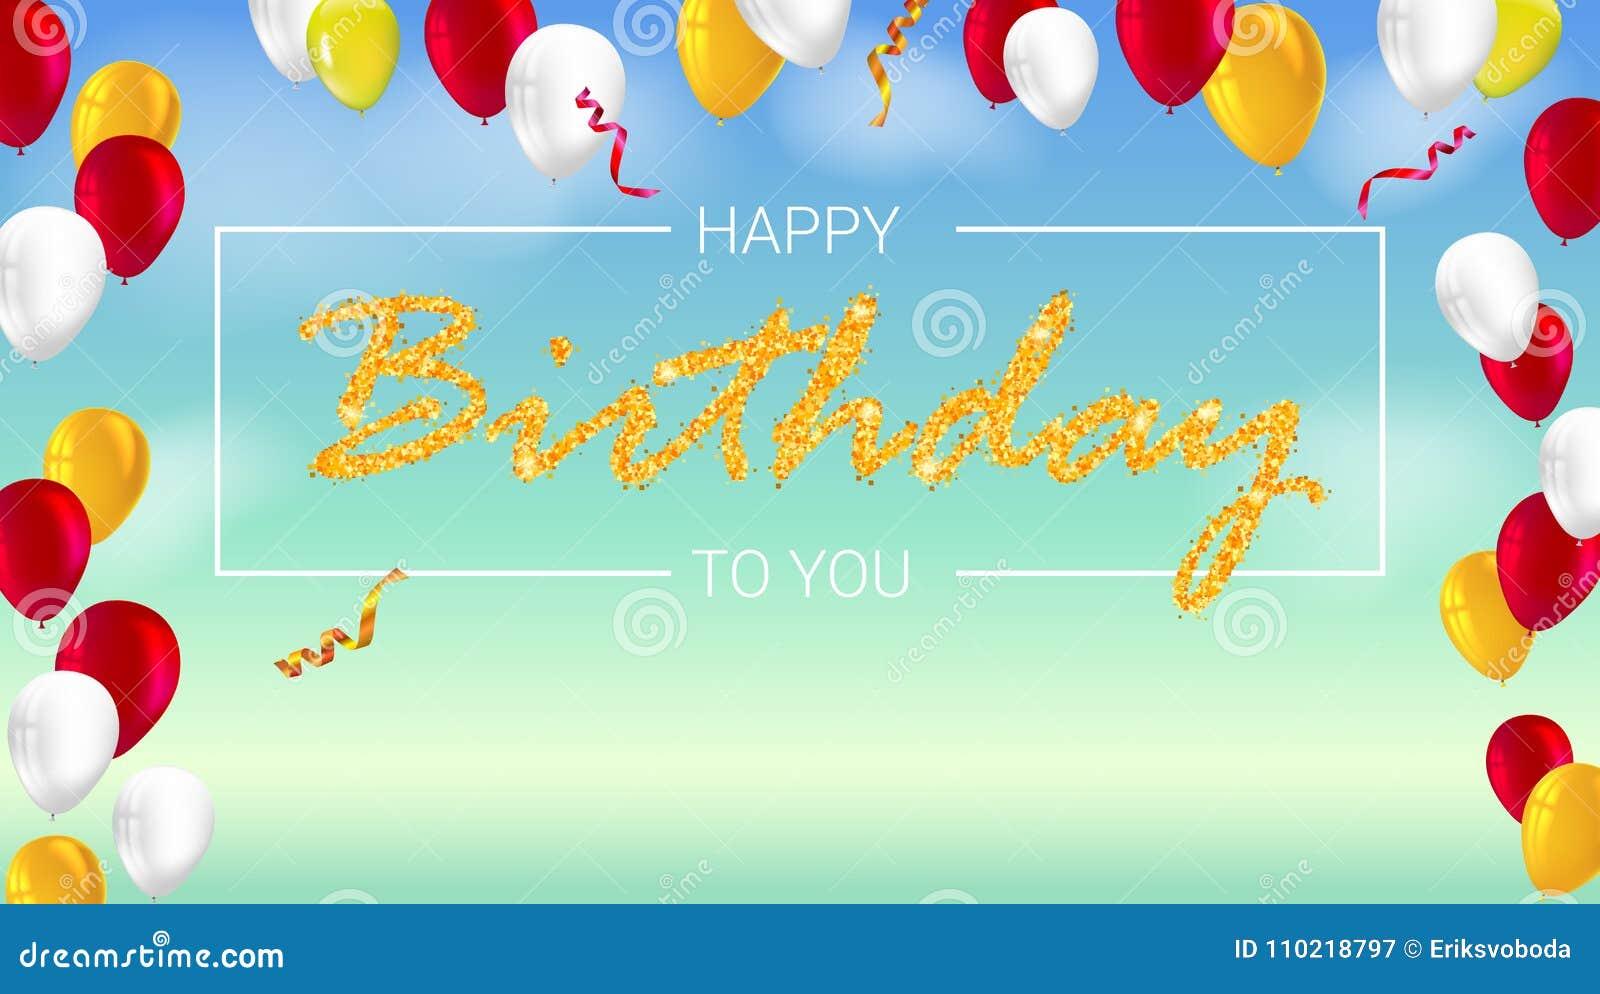 Alles- Gute Zum Geburtstagplakat Mit Glänzenden Farbigen Ballonen ...